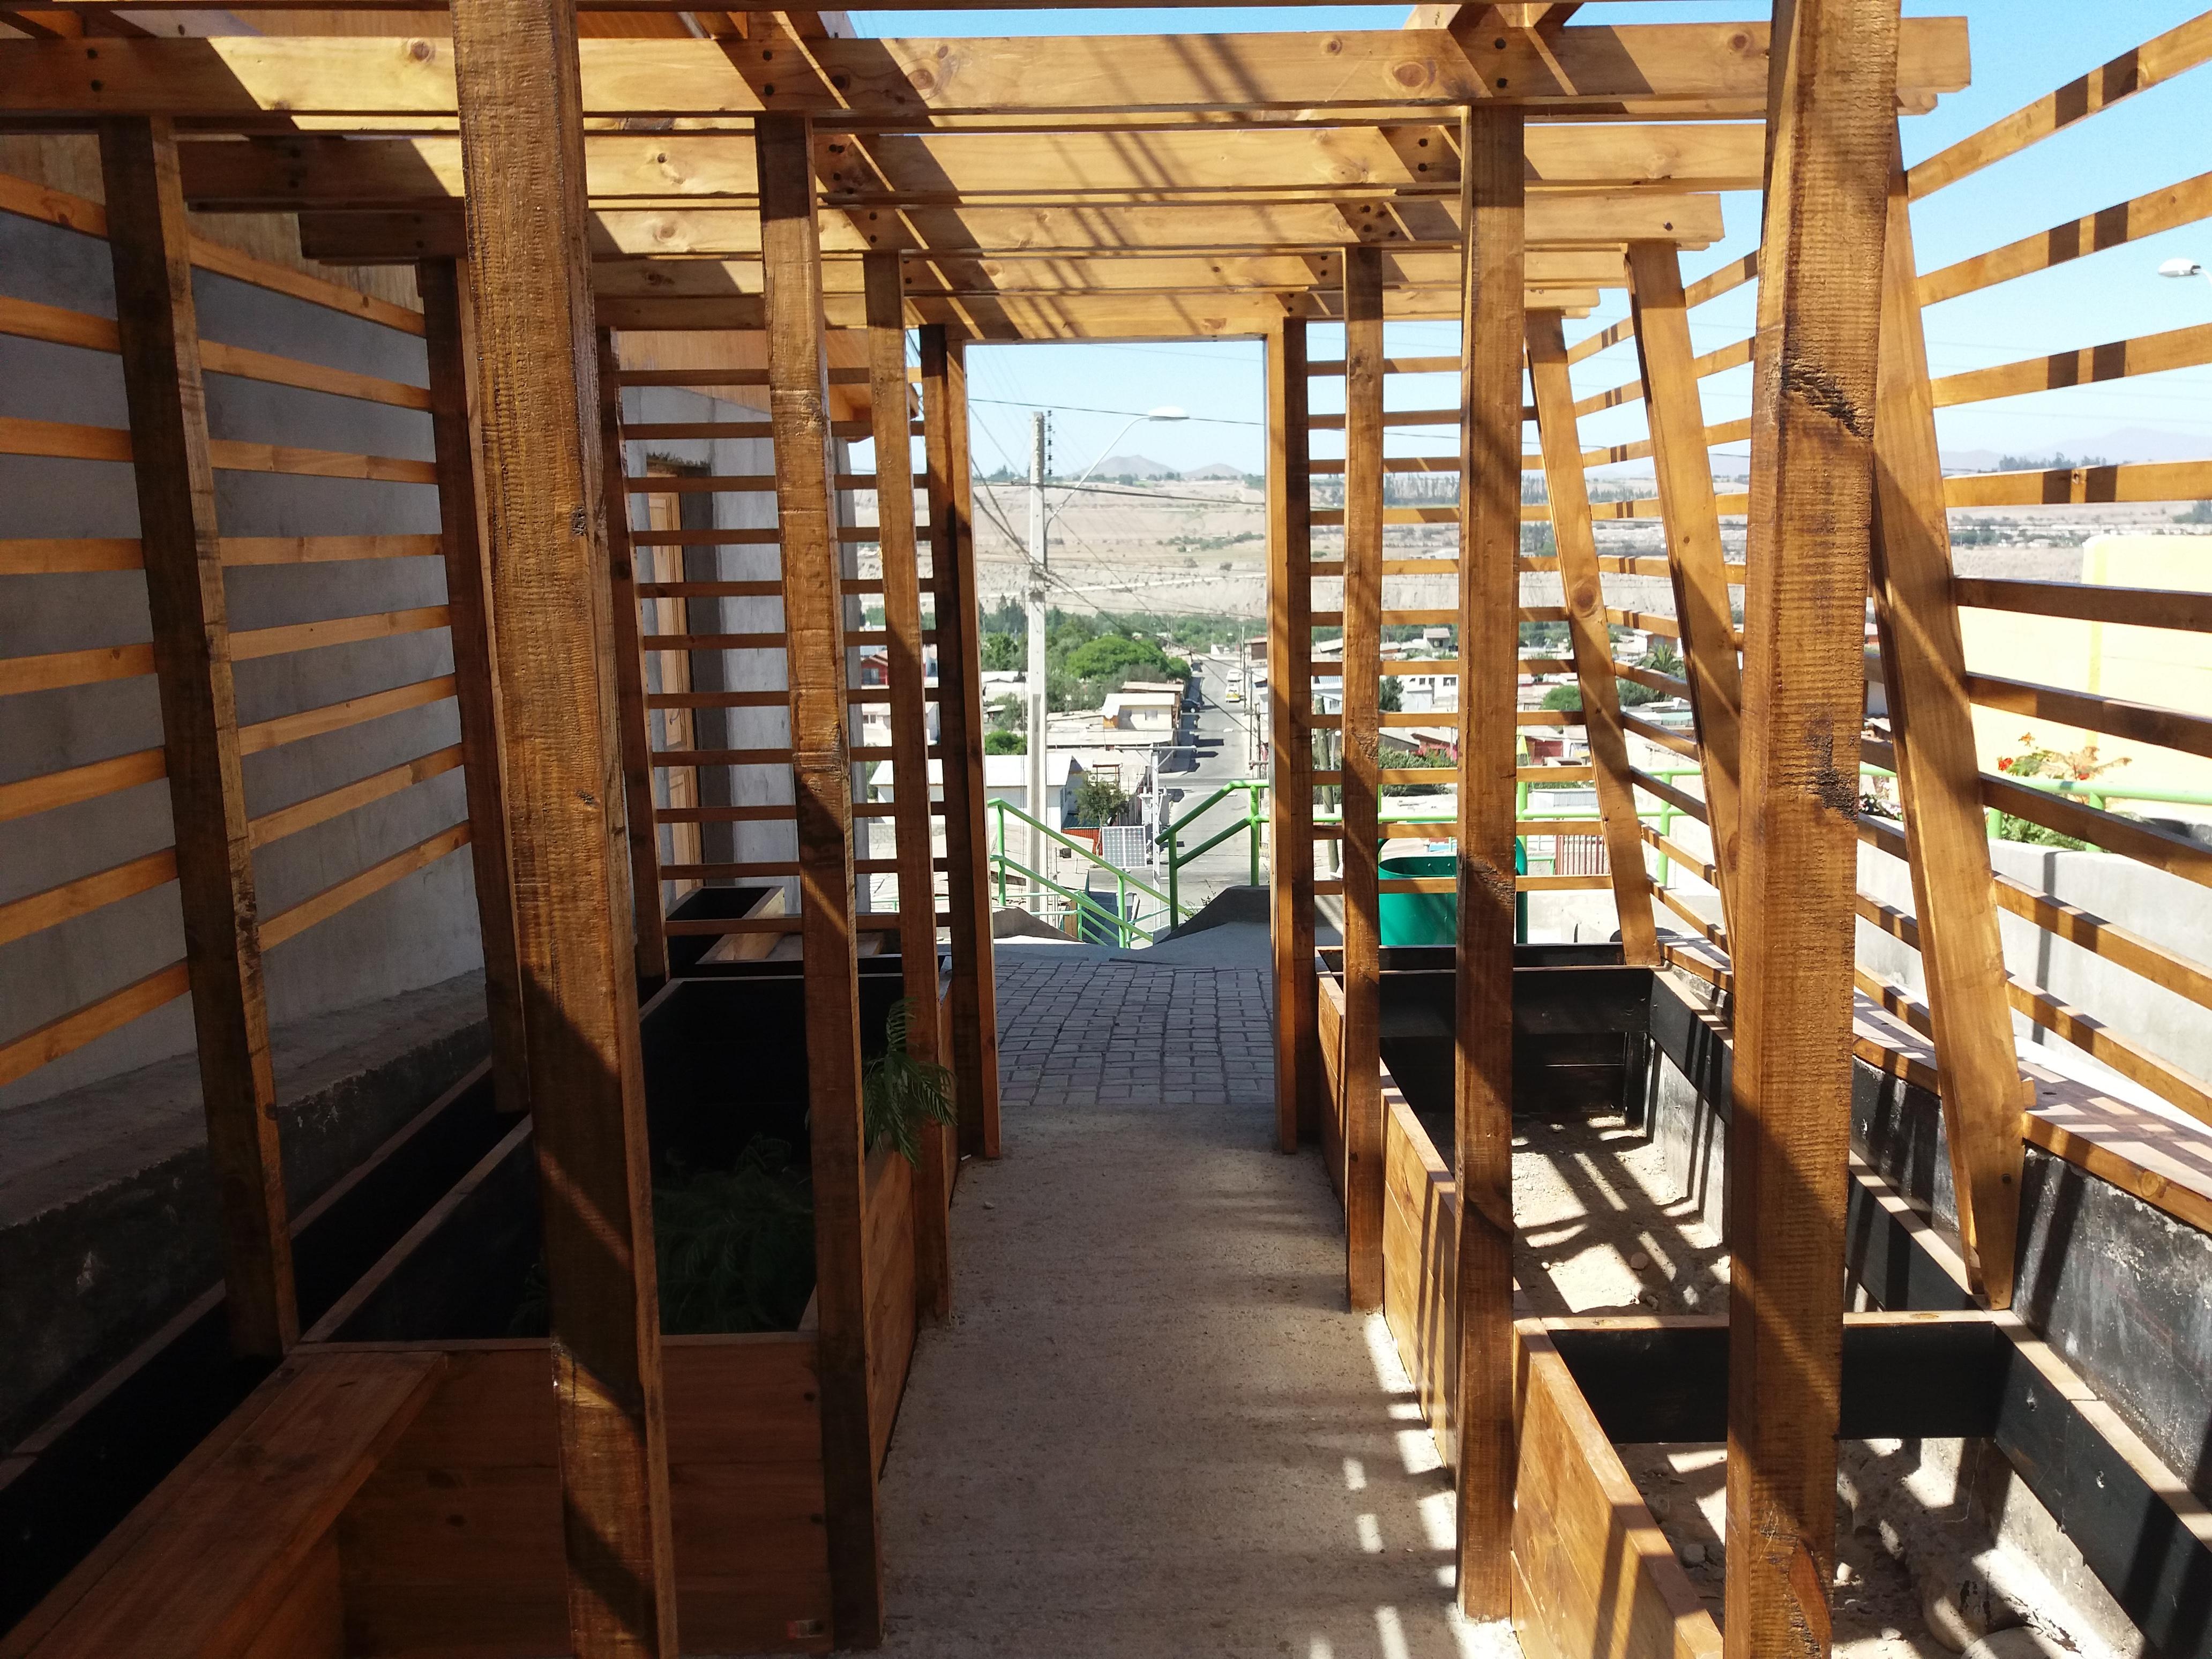 Vecinos piden apoyo para recuperar espacio afectado por vandalismo en Carrera